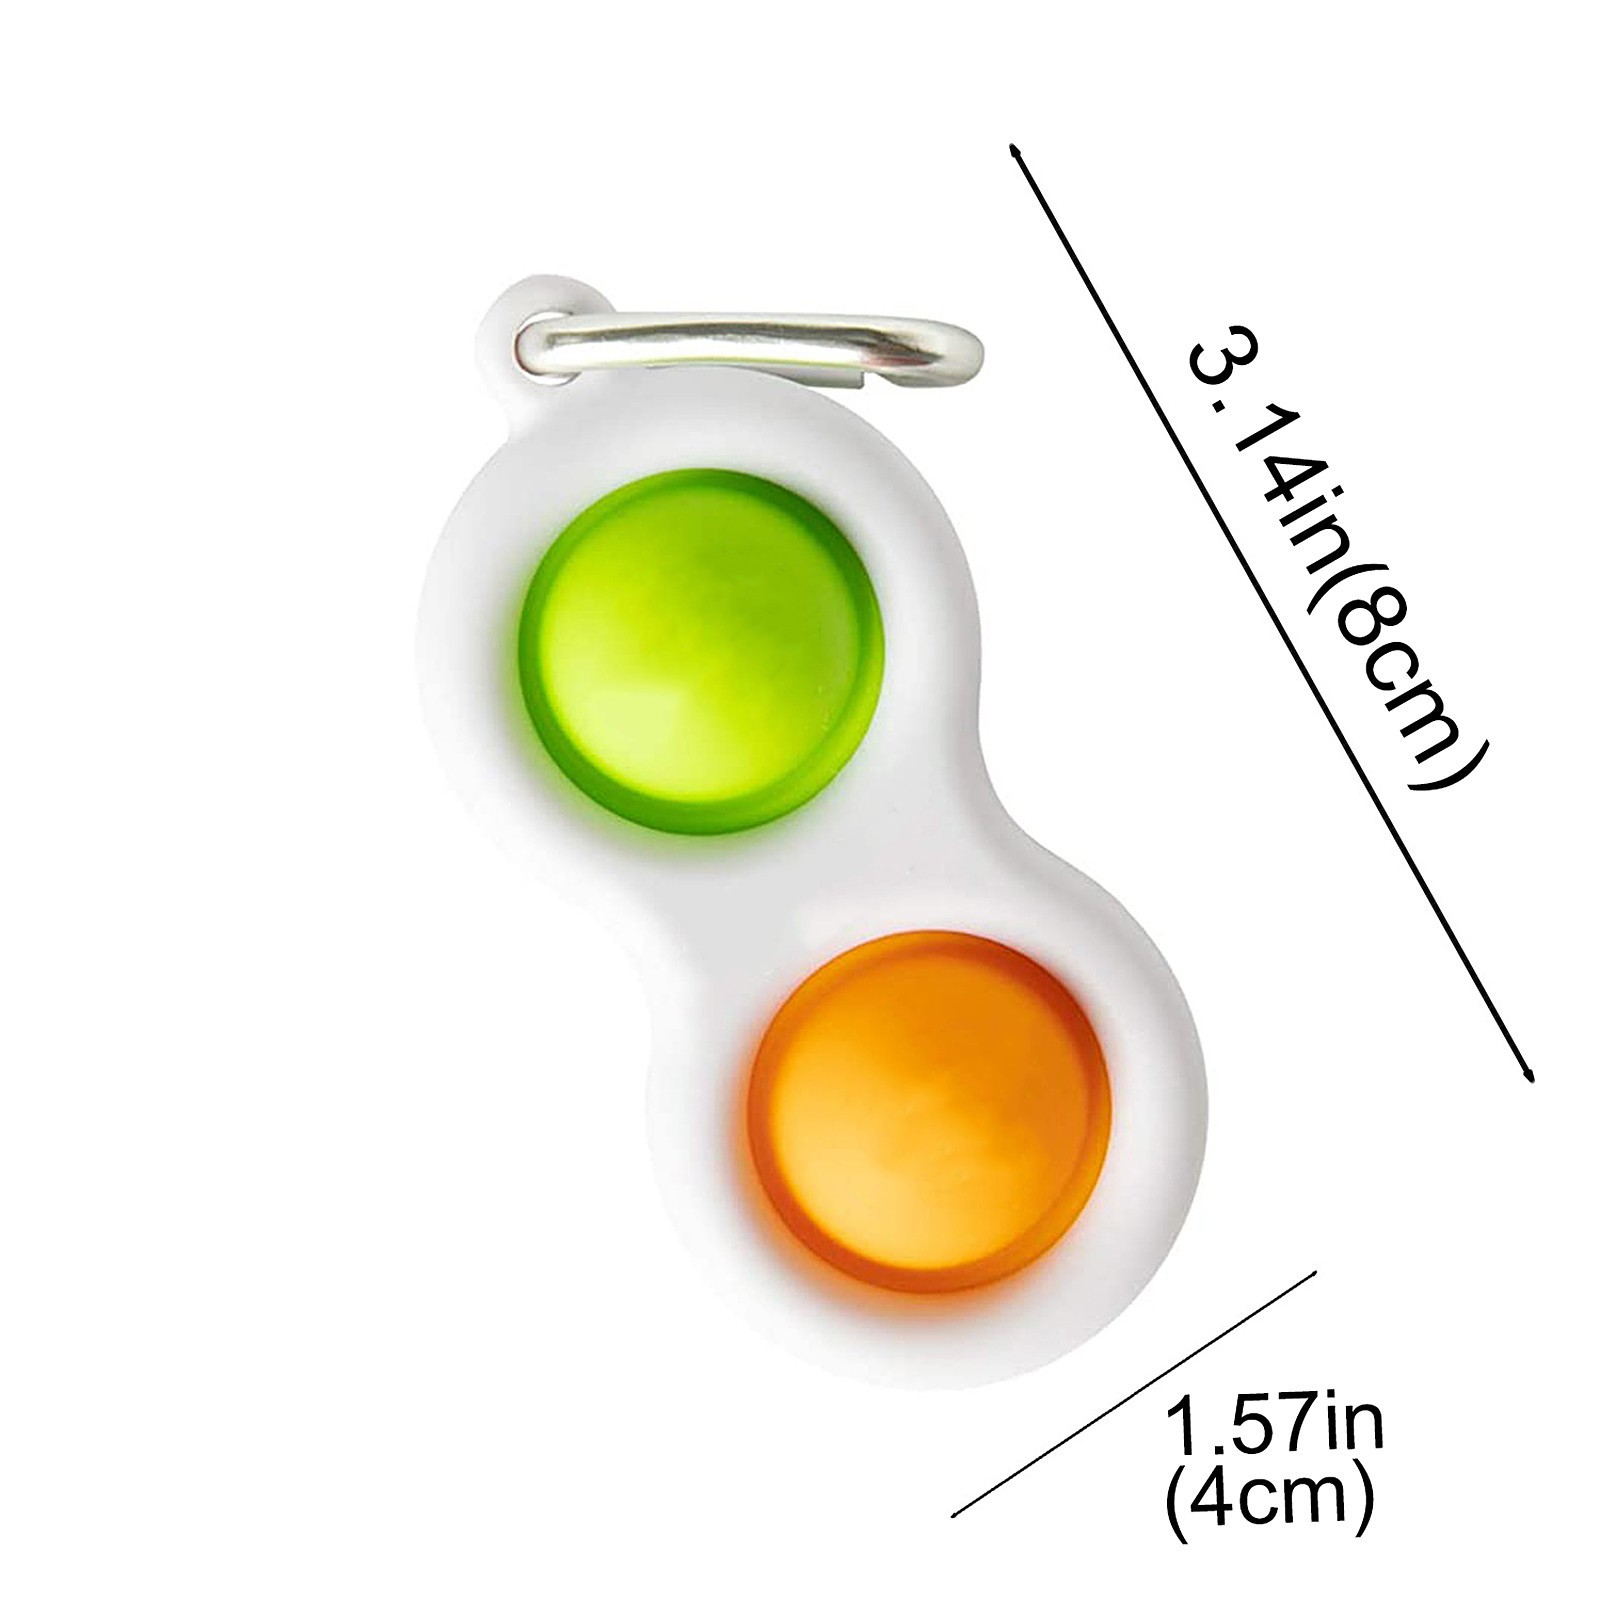 Popit Toy Fidget-Toys Squeeze-Fidget Stress Relief Push Bubble Simple Dimple Relieve-Stress img2